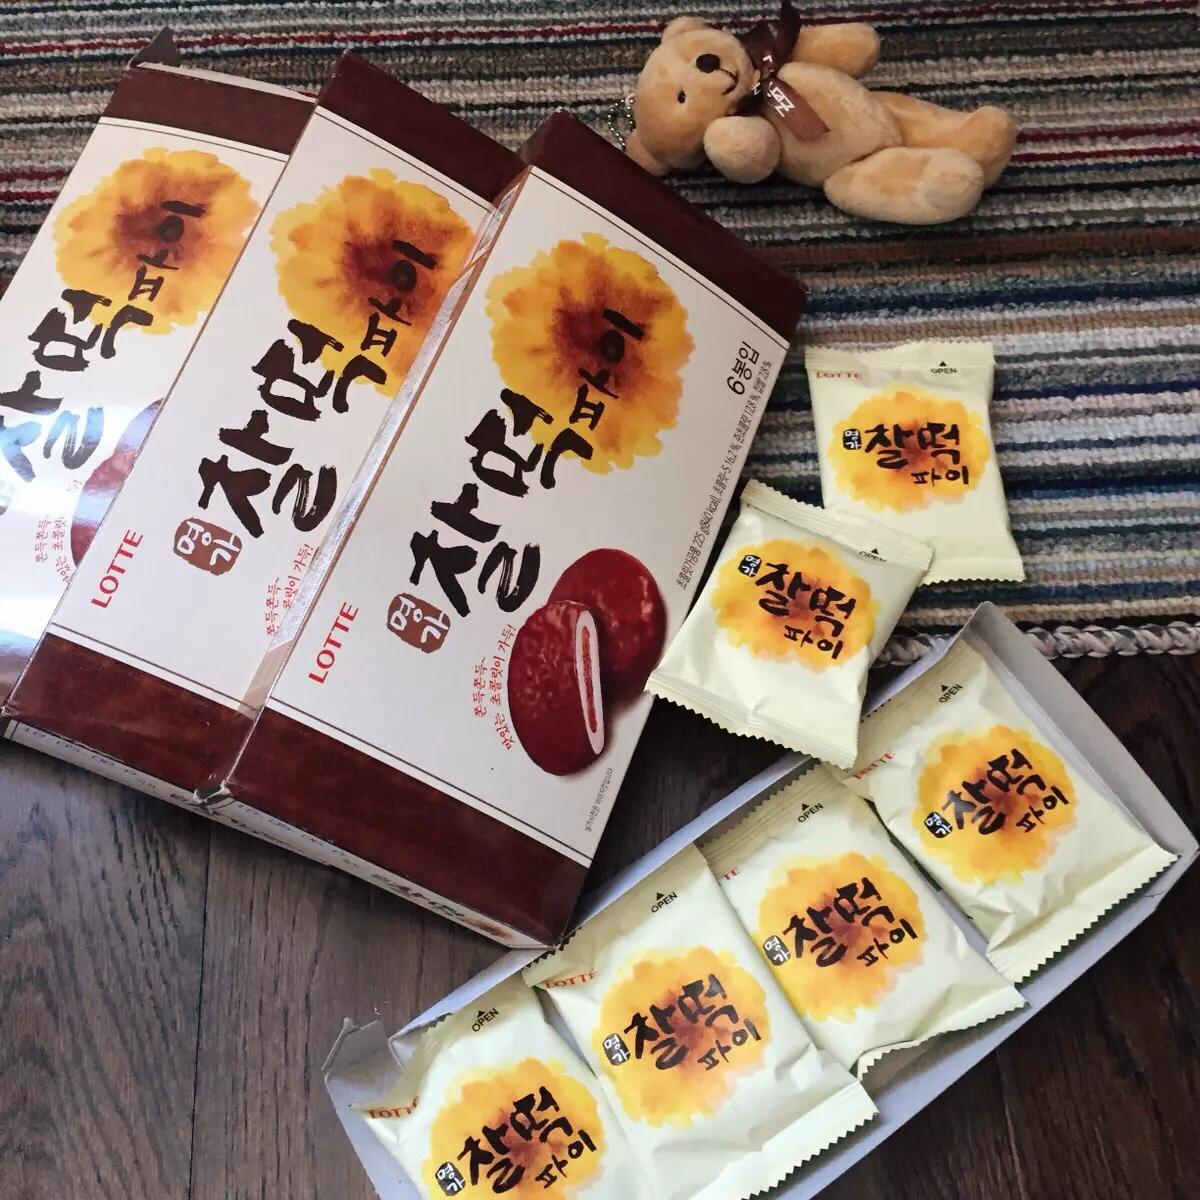 韩国进口乐天打糕派巧克力糯米麻薯